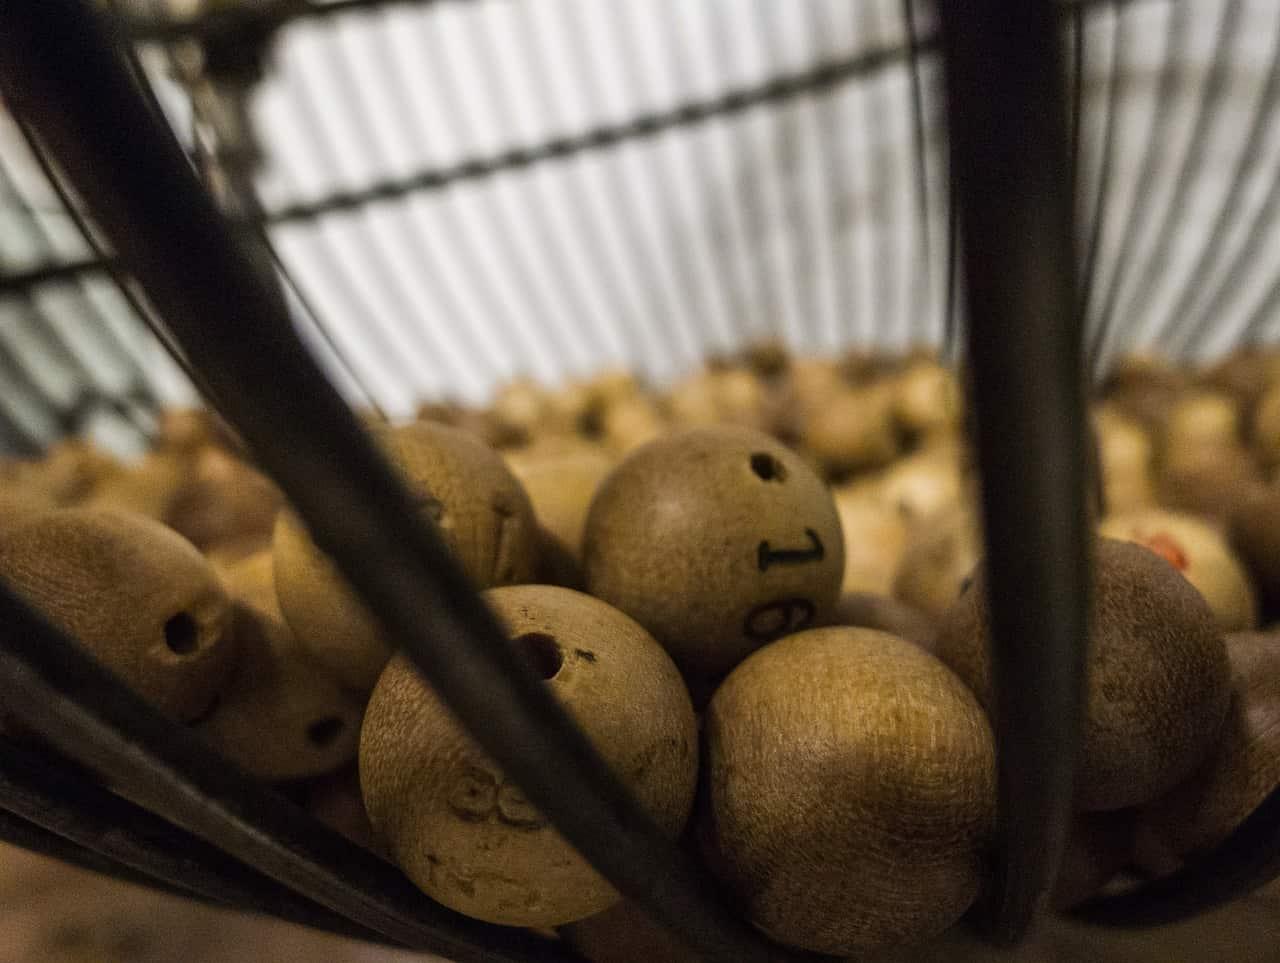 ¿Dónde ha tocado más veces la lotería en España?